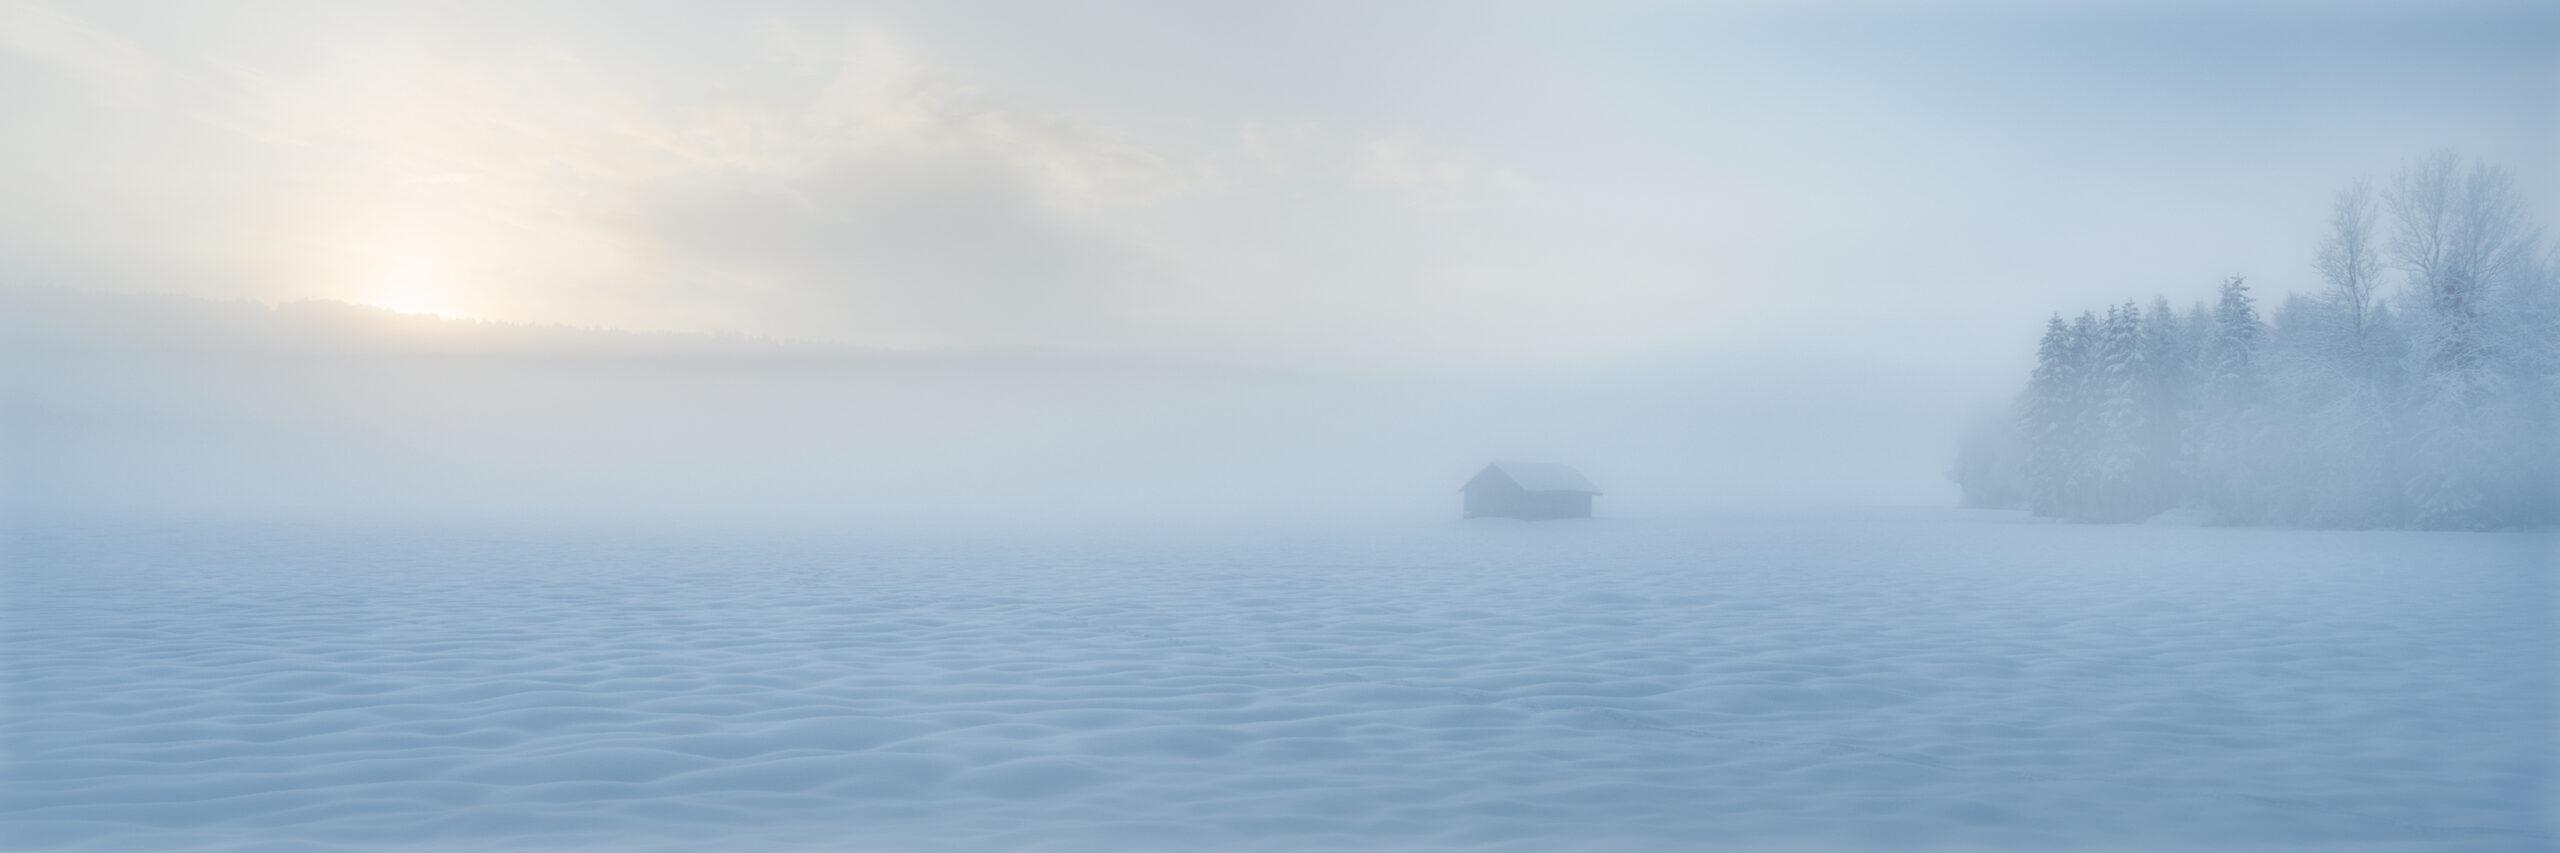 sunrise above a foggy snow field